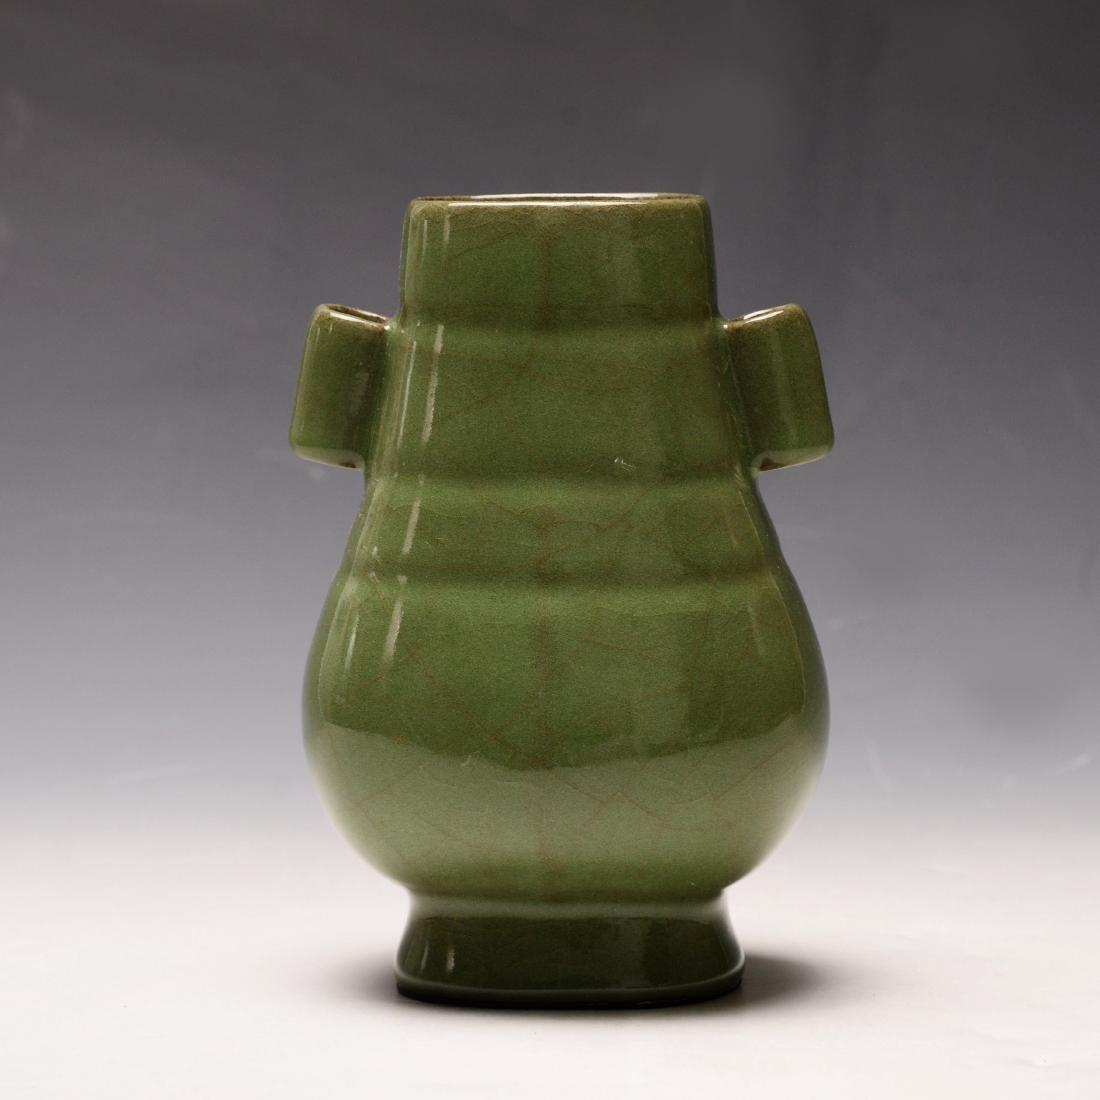 Chinese Plum Green Glazed Vase